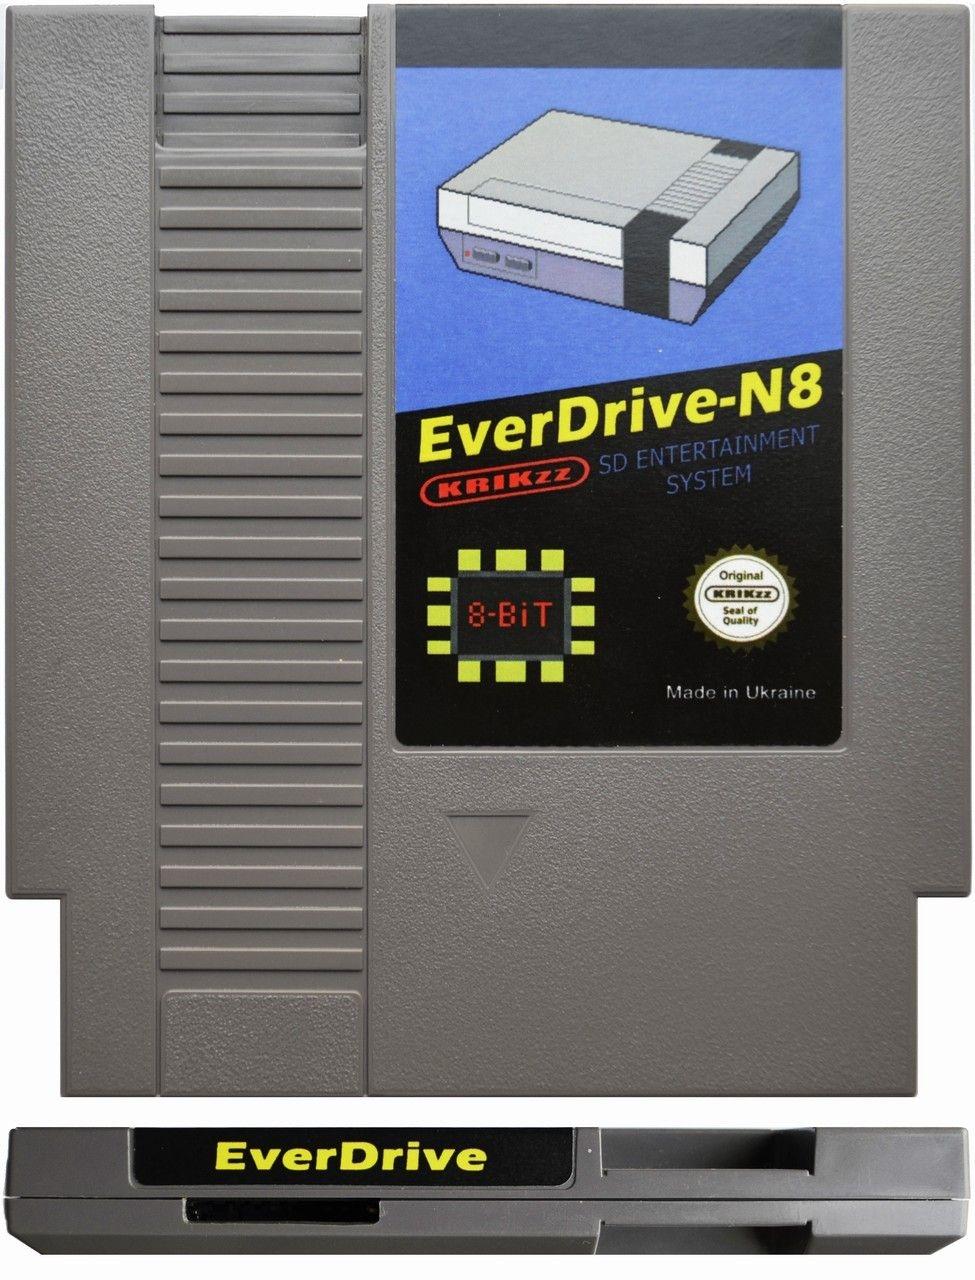 Actualización del firmware del Everdrive N8